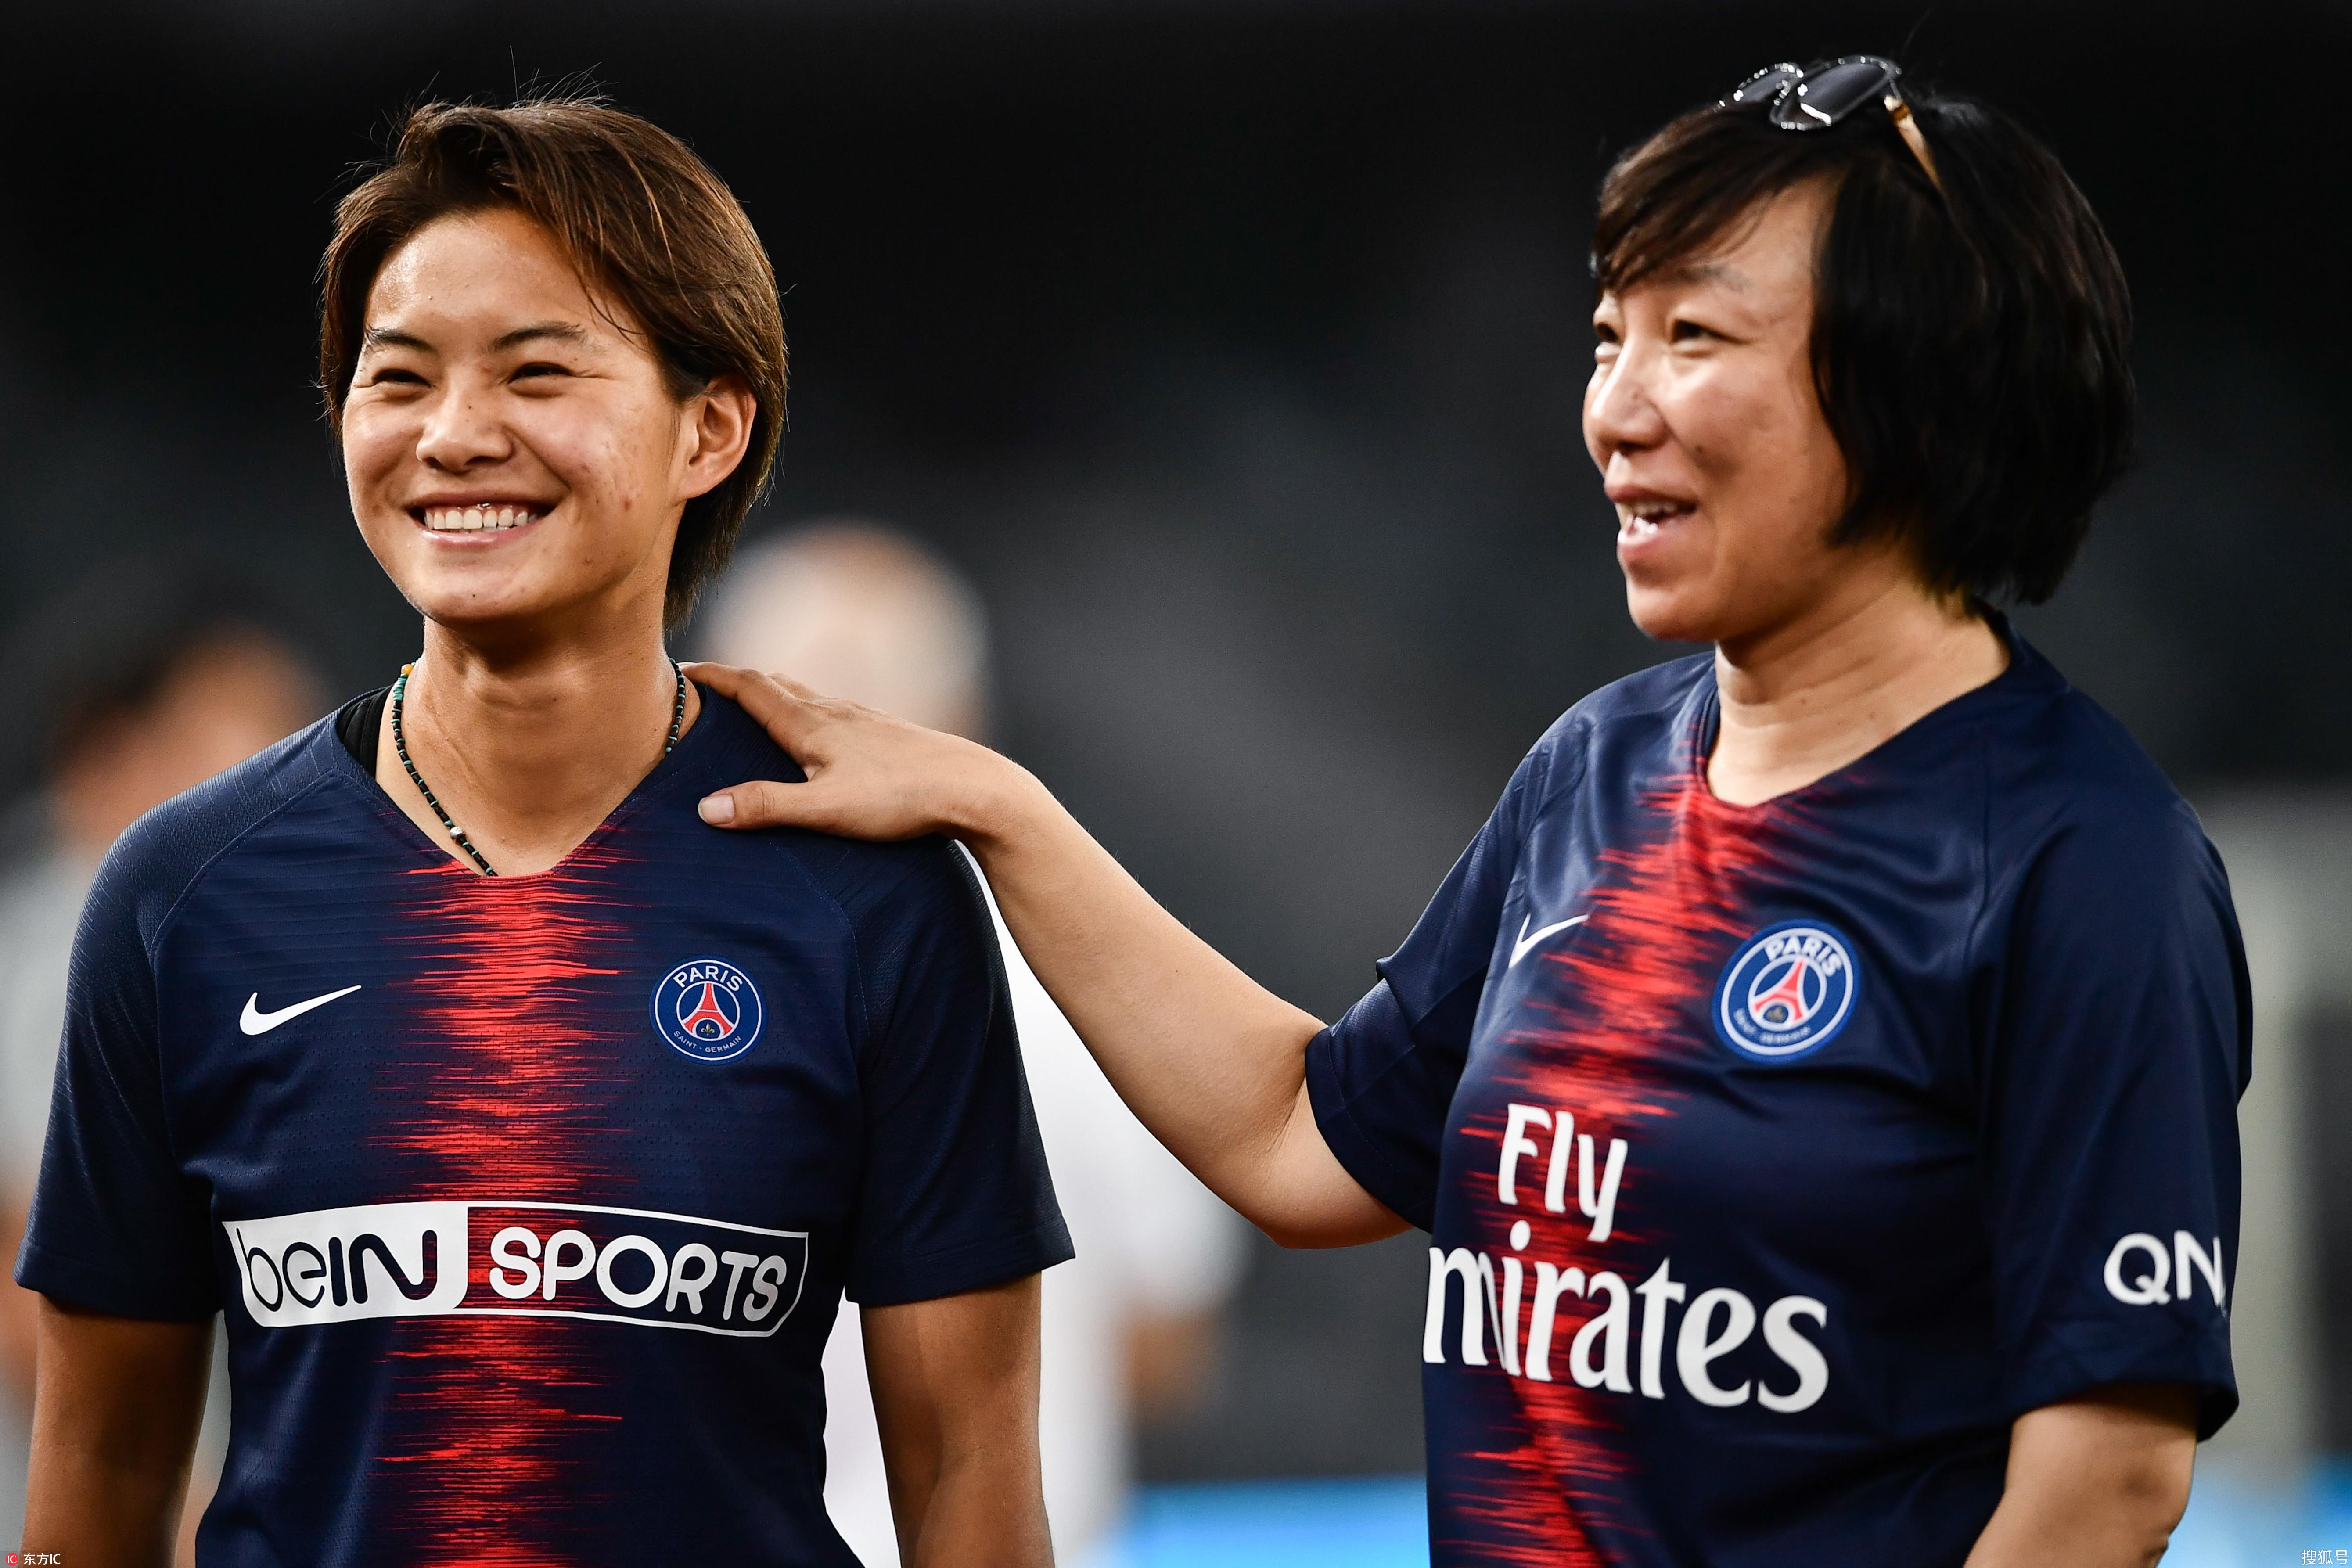 亚洲讯雷_中国第四位亚洲足球小姐诞生 回顾王霜高光时刻